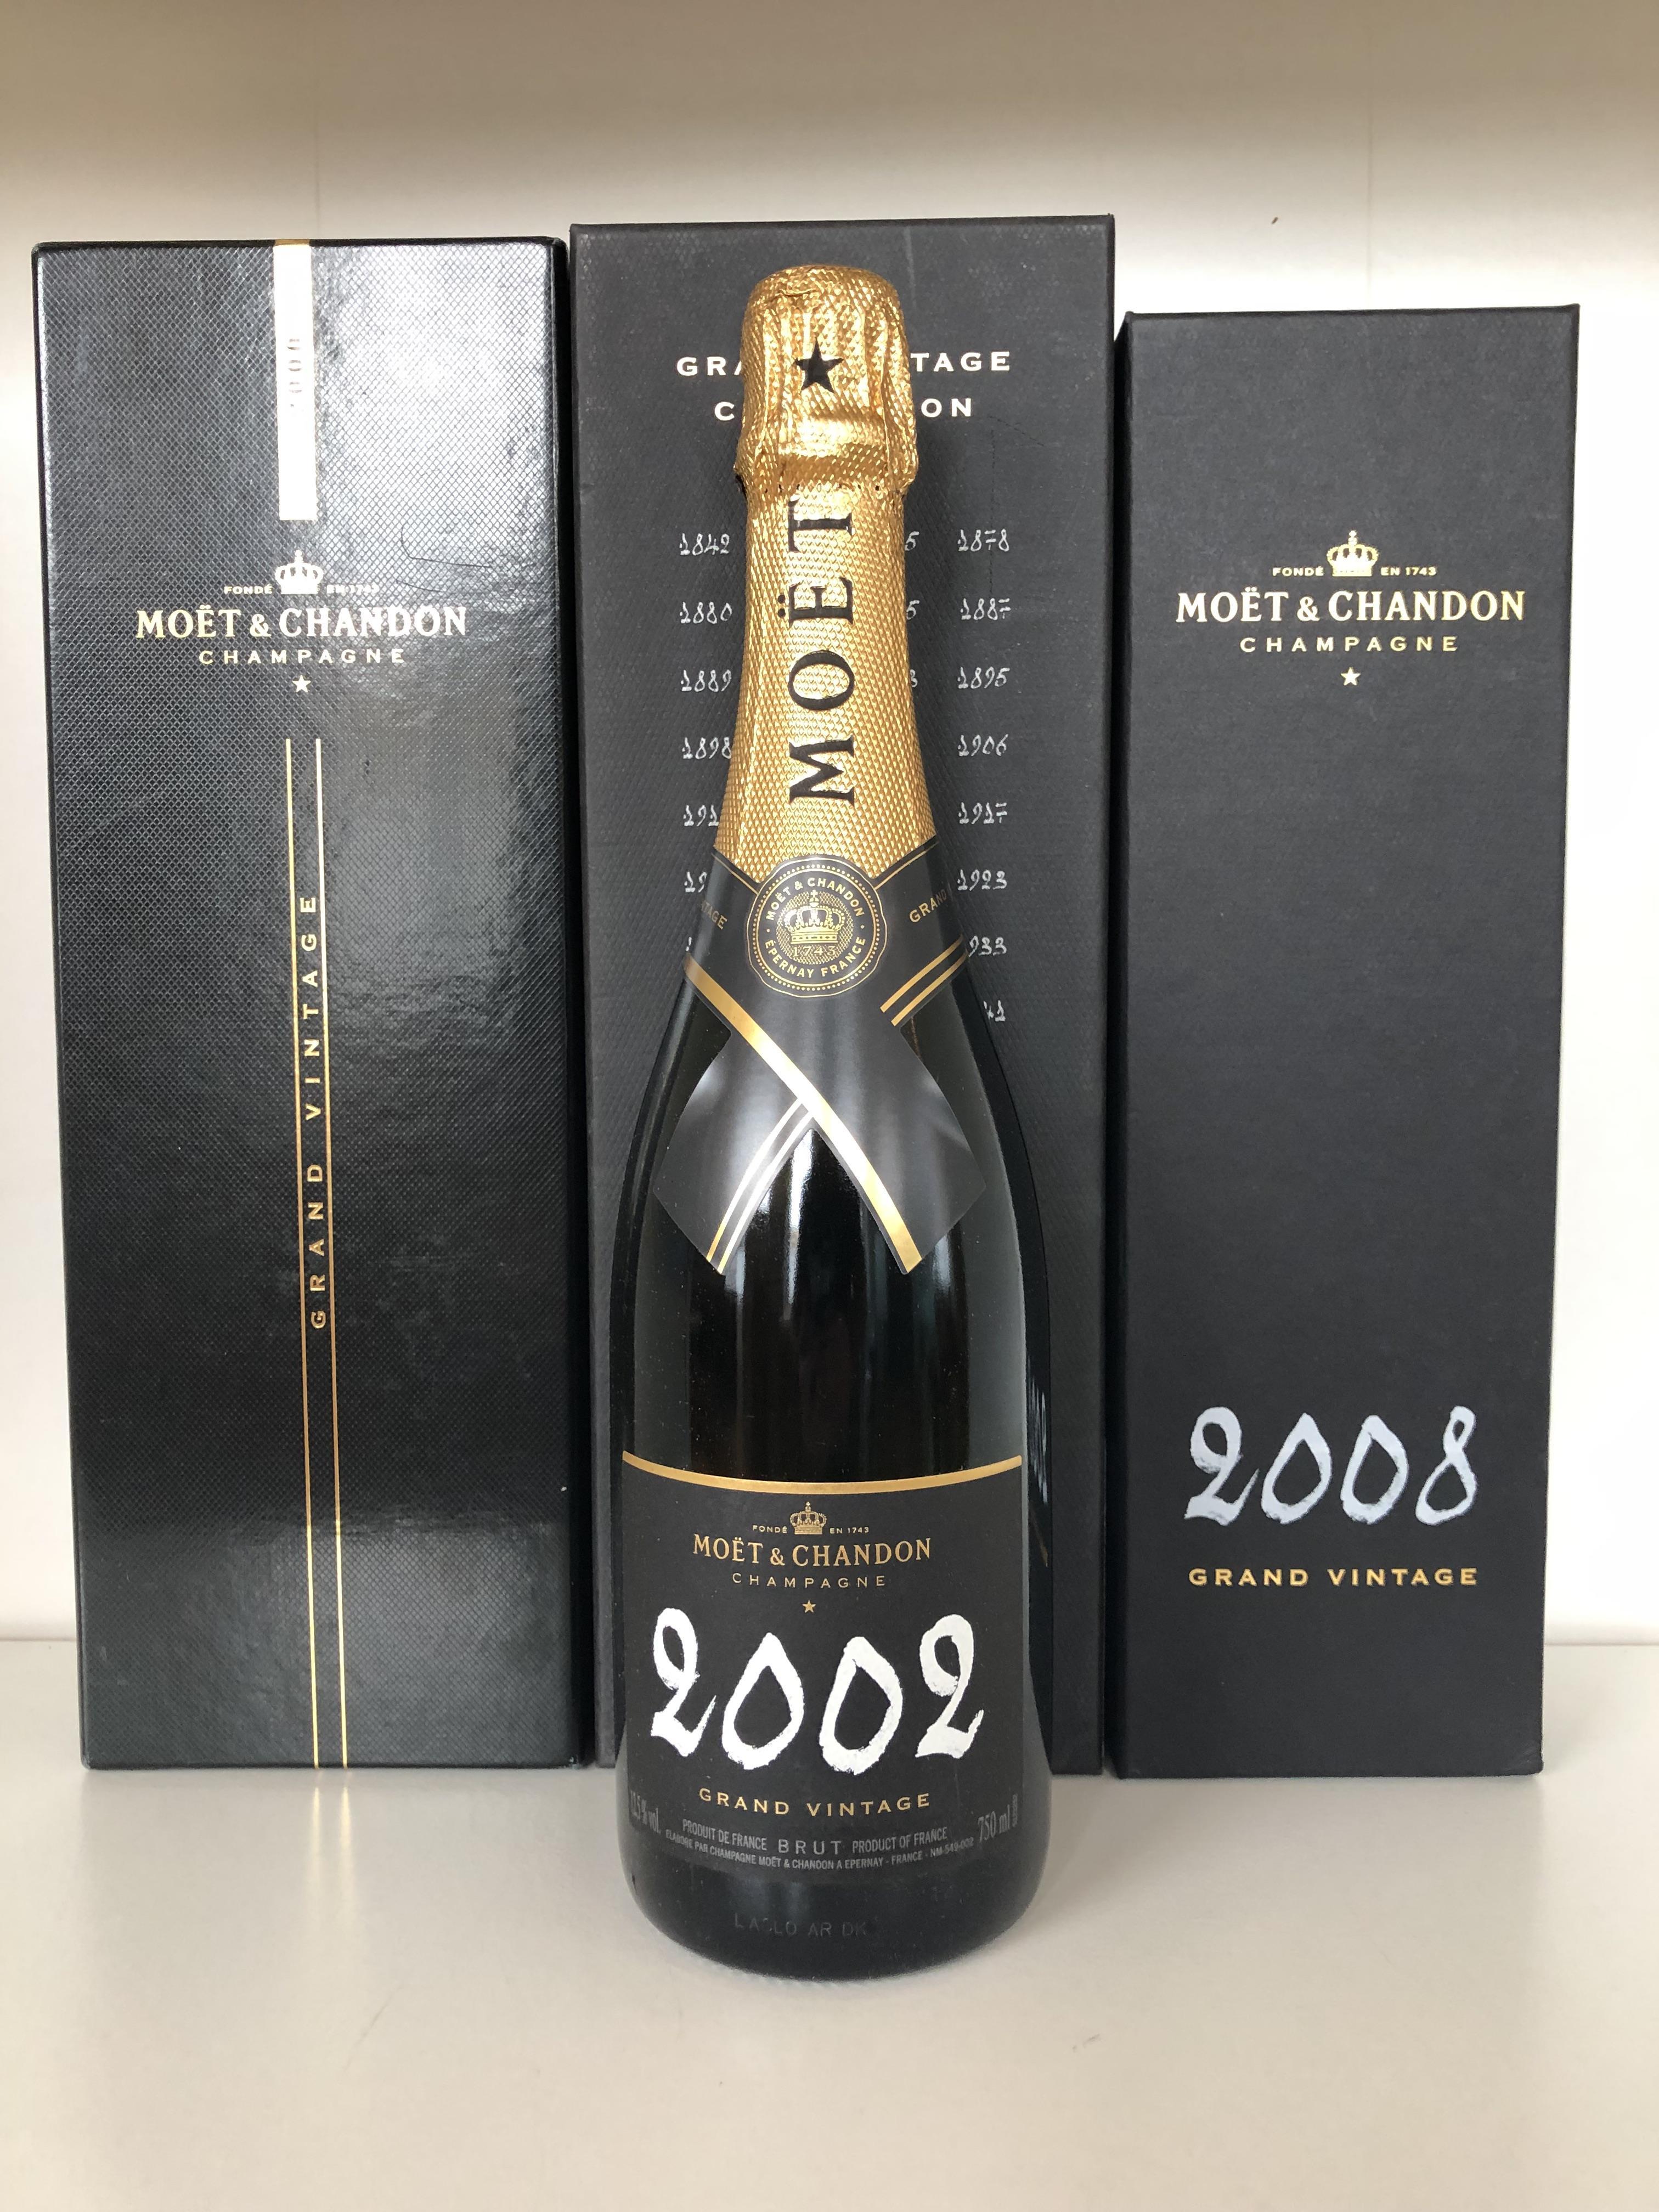 Lot 19 - Various Moet et Chandon Grand Vintage Tasting Lot, Champagne, France, 3 bottles